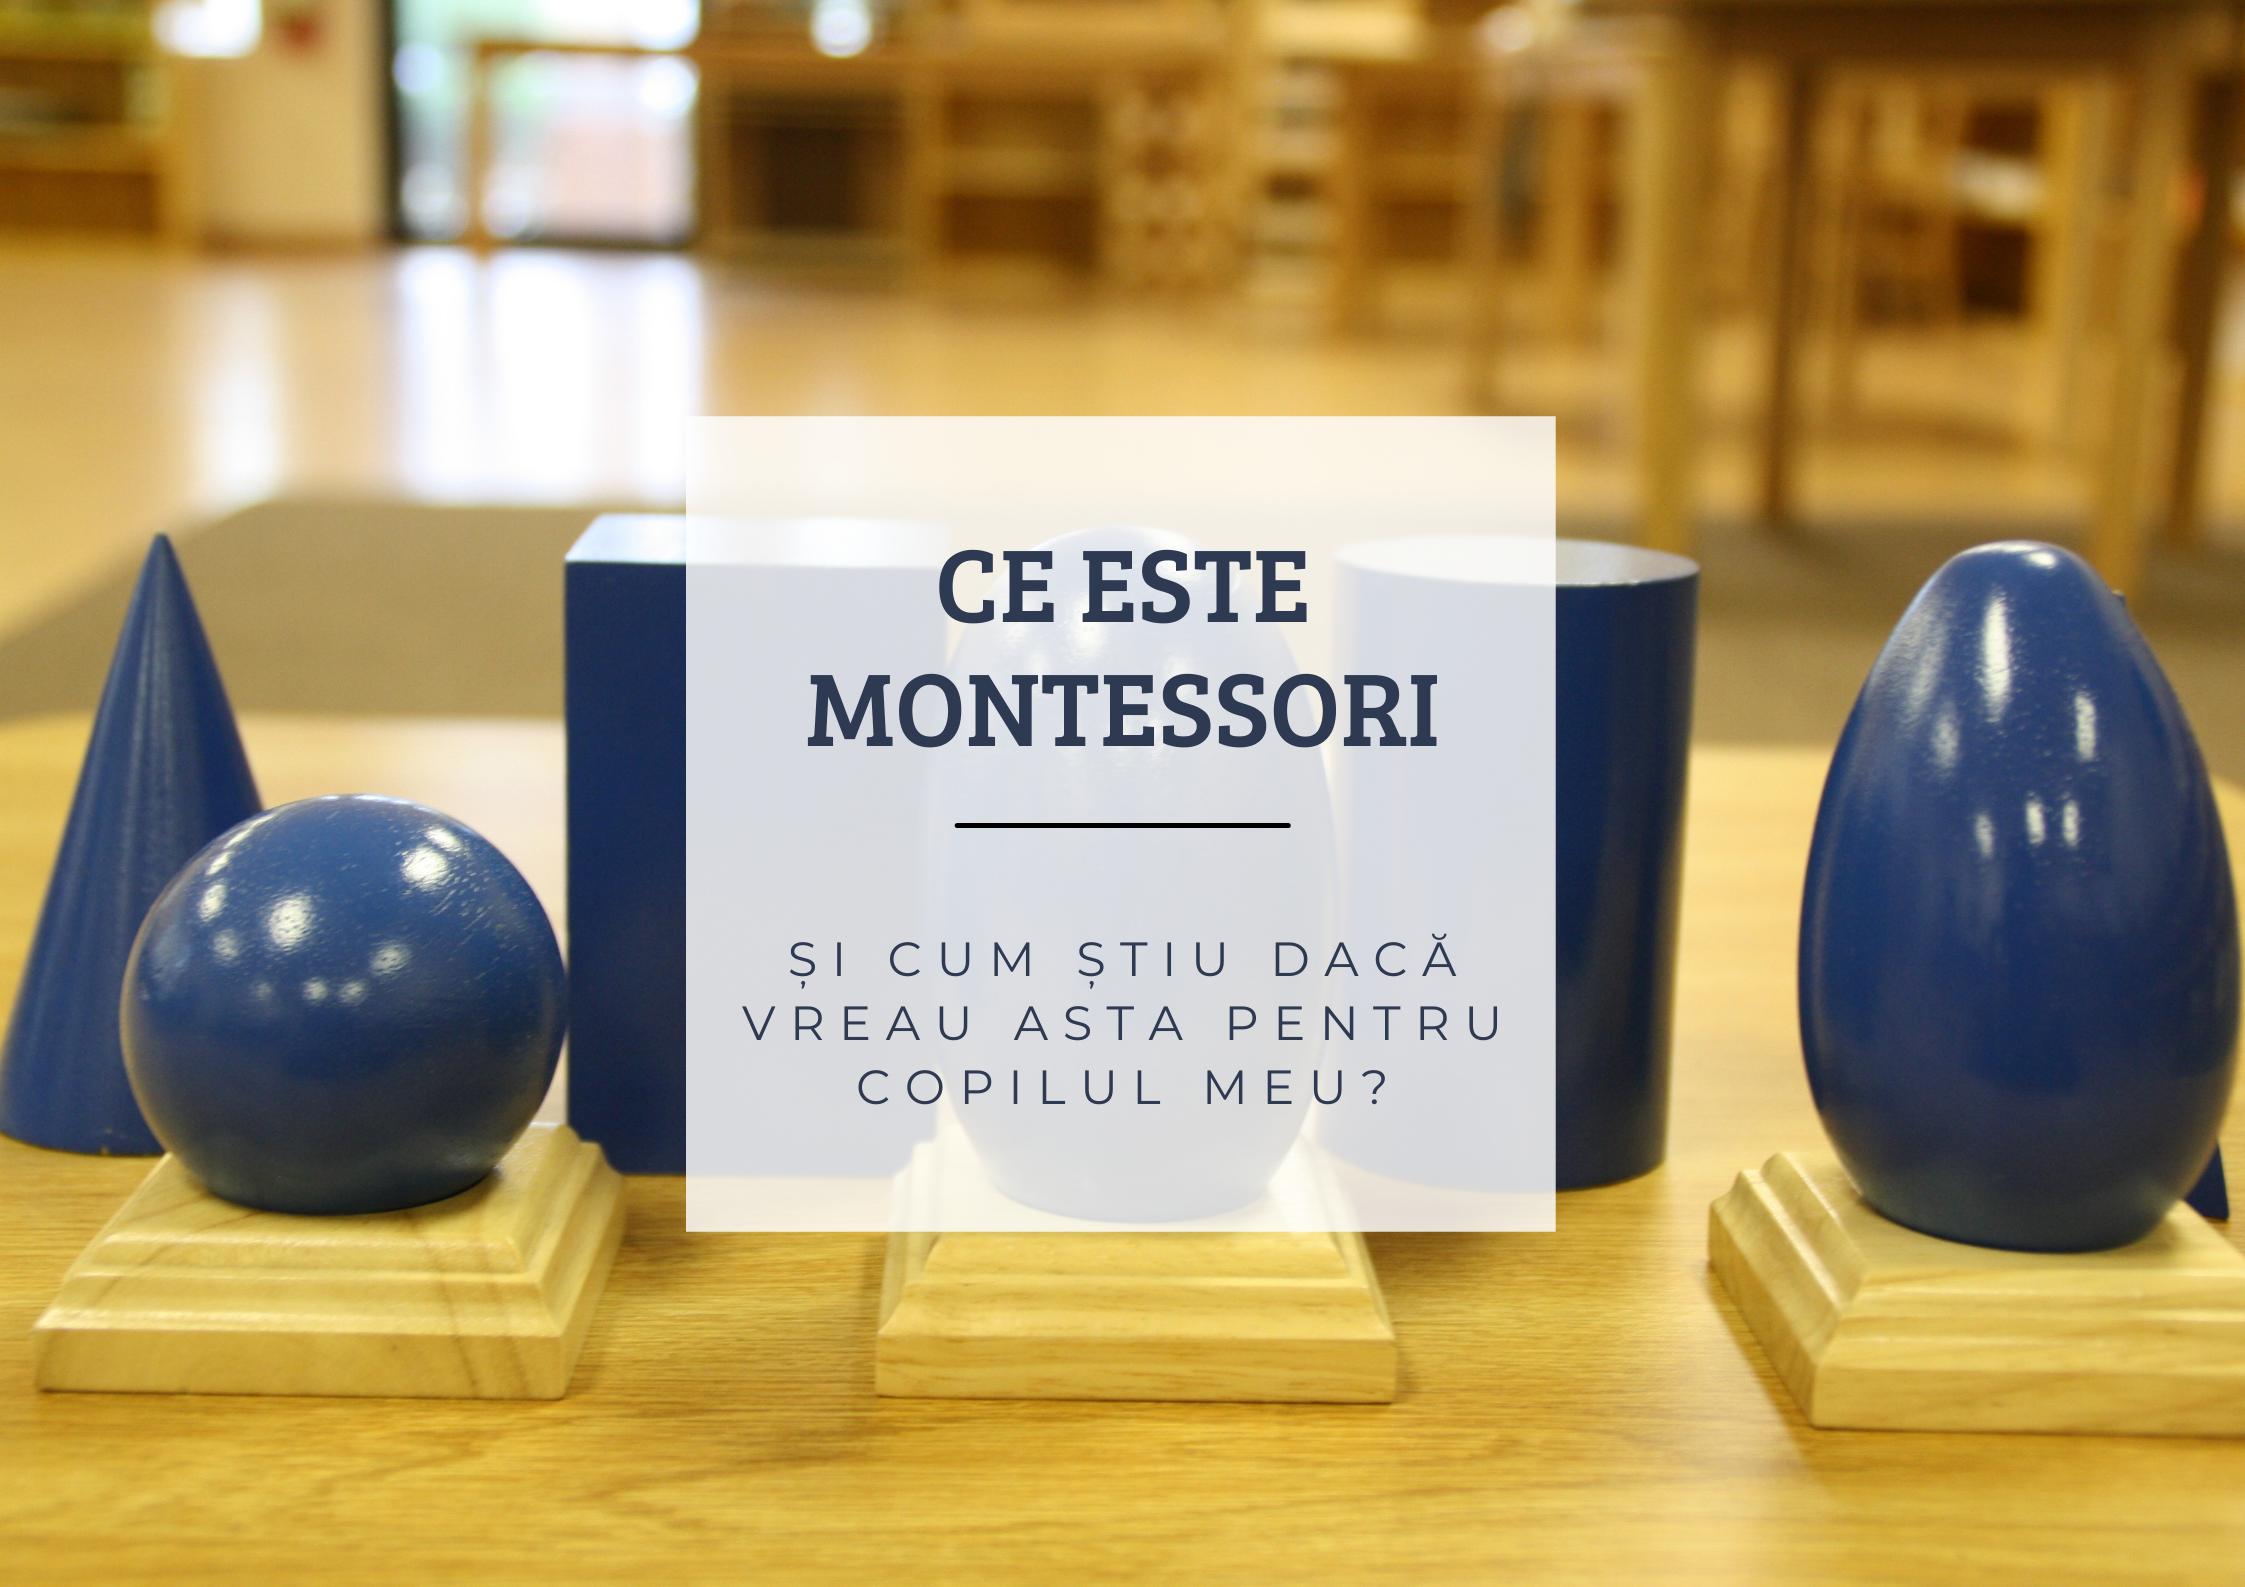 Ce este Montessori și cum știu dacă vreau asta pentru copilul meu?